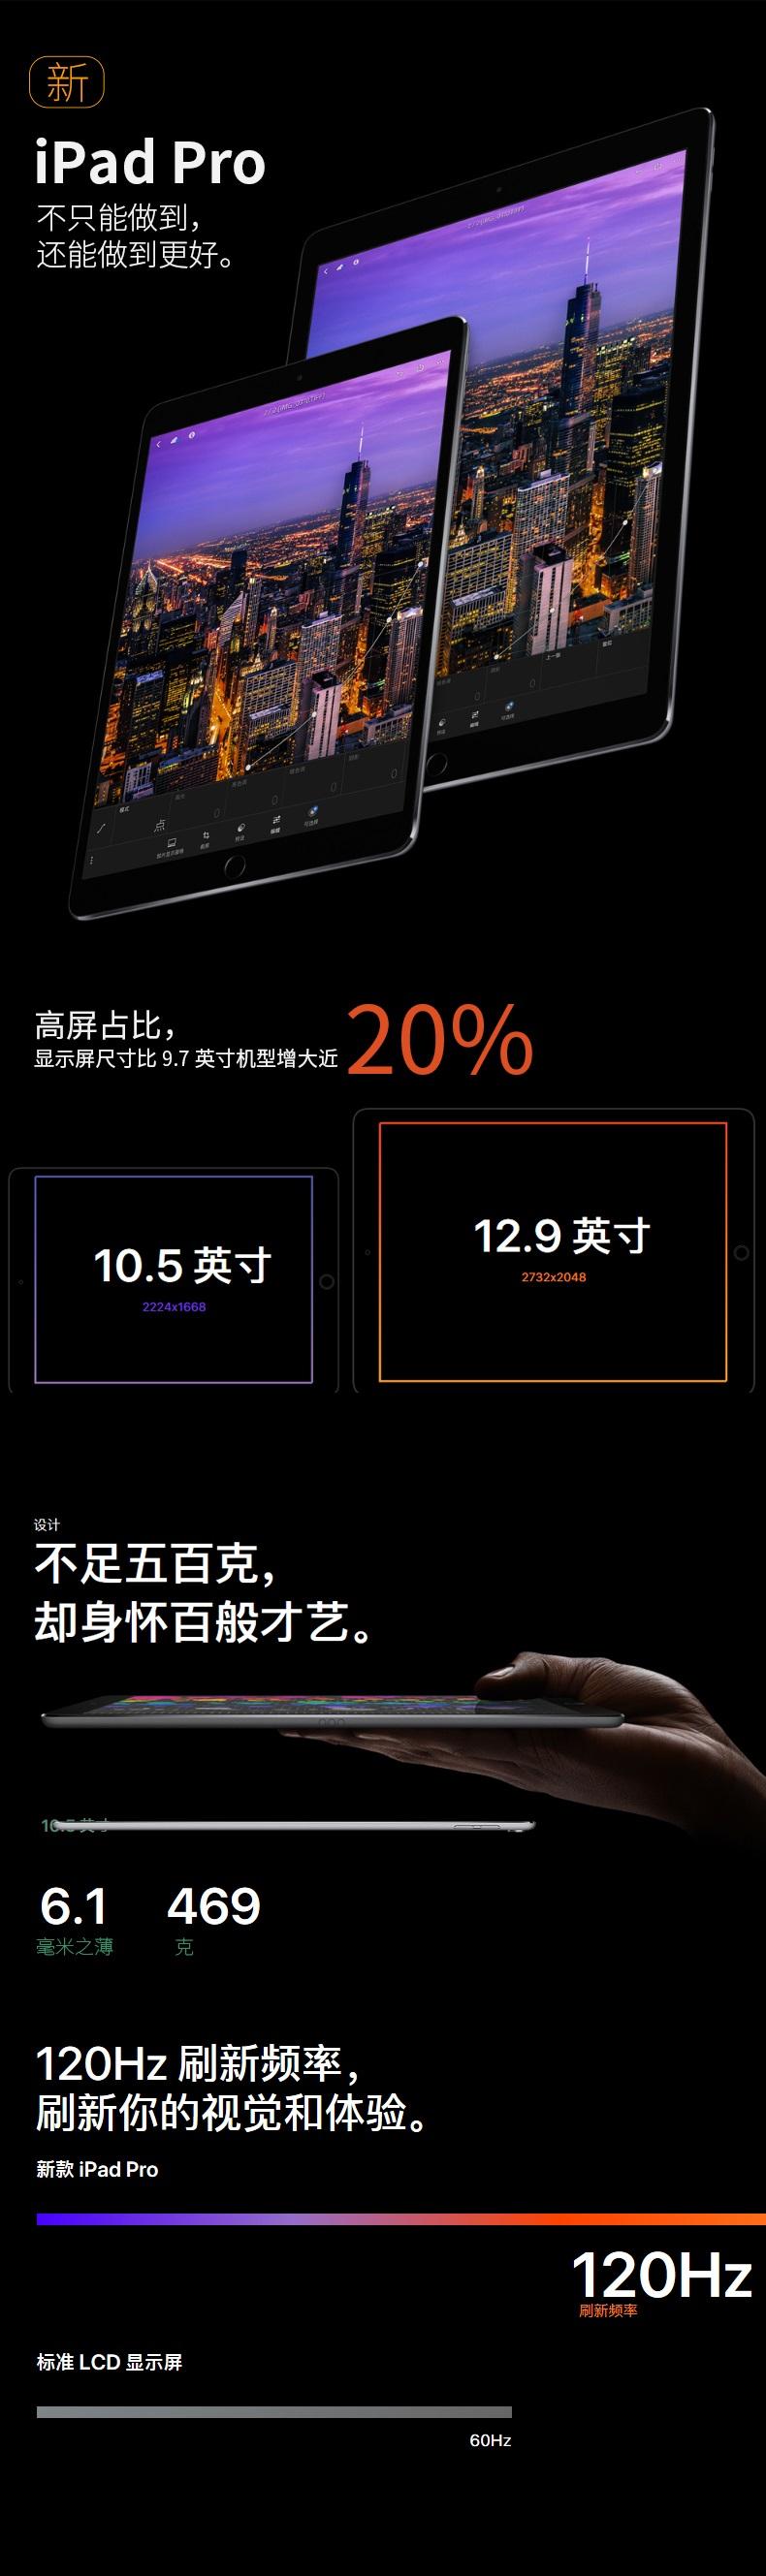 新iPad Pro不只能做到,还能做到更好。高屏占比,显示屏尺寸比9.1英寸机型增大近20%。不足五百克,却身怀百般才艺。120Hz刷新频率,刷新你的视觉和体验。标准LCD显示屏